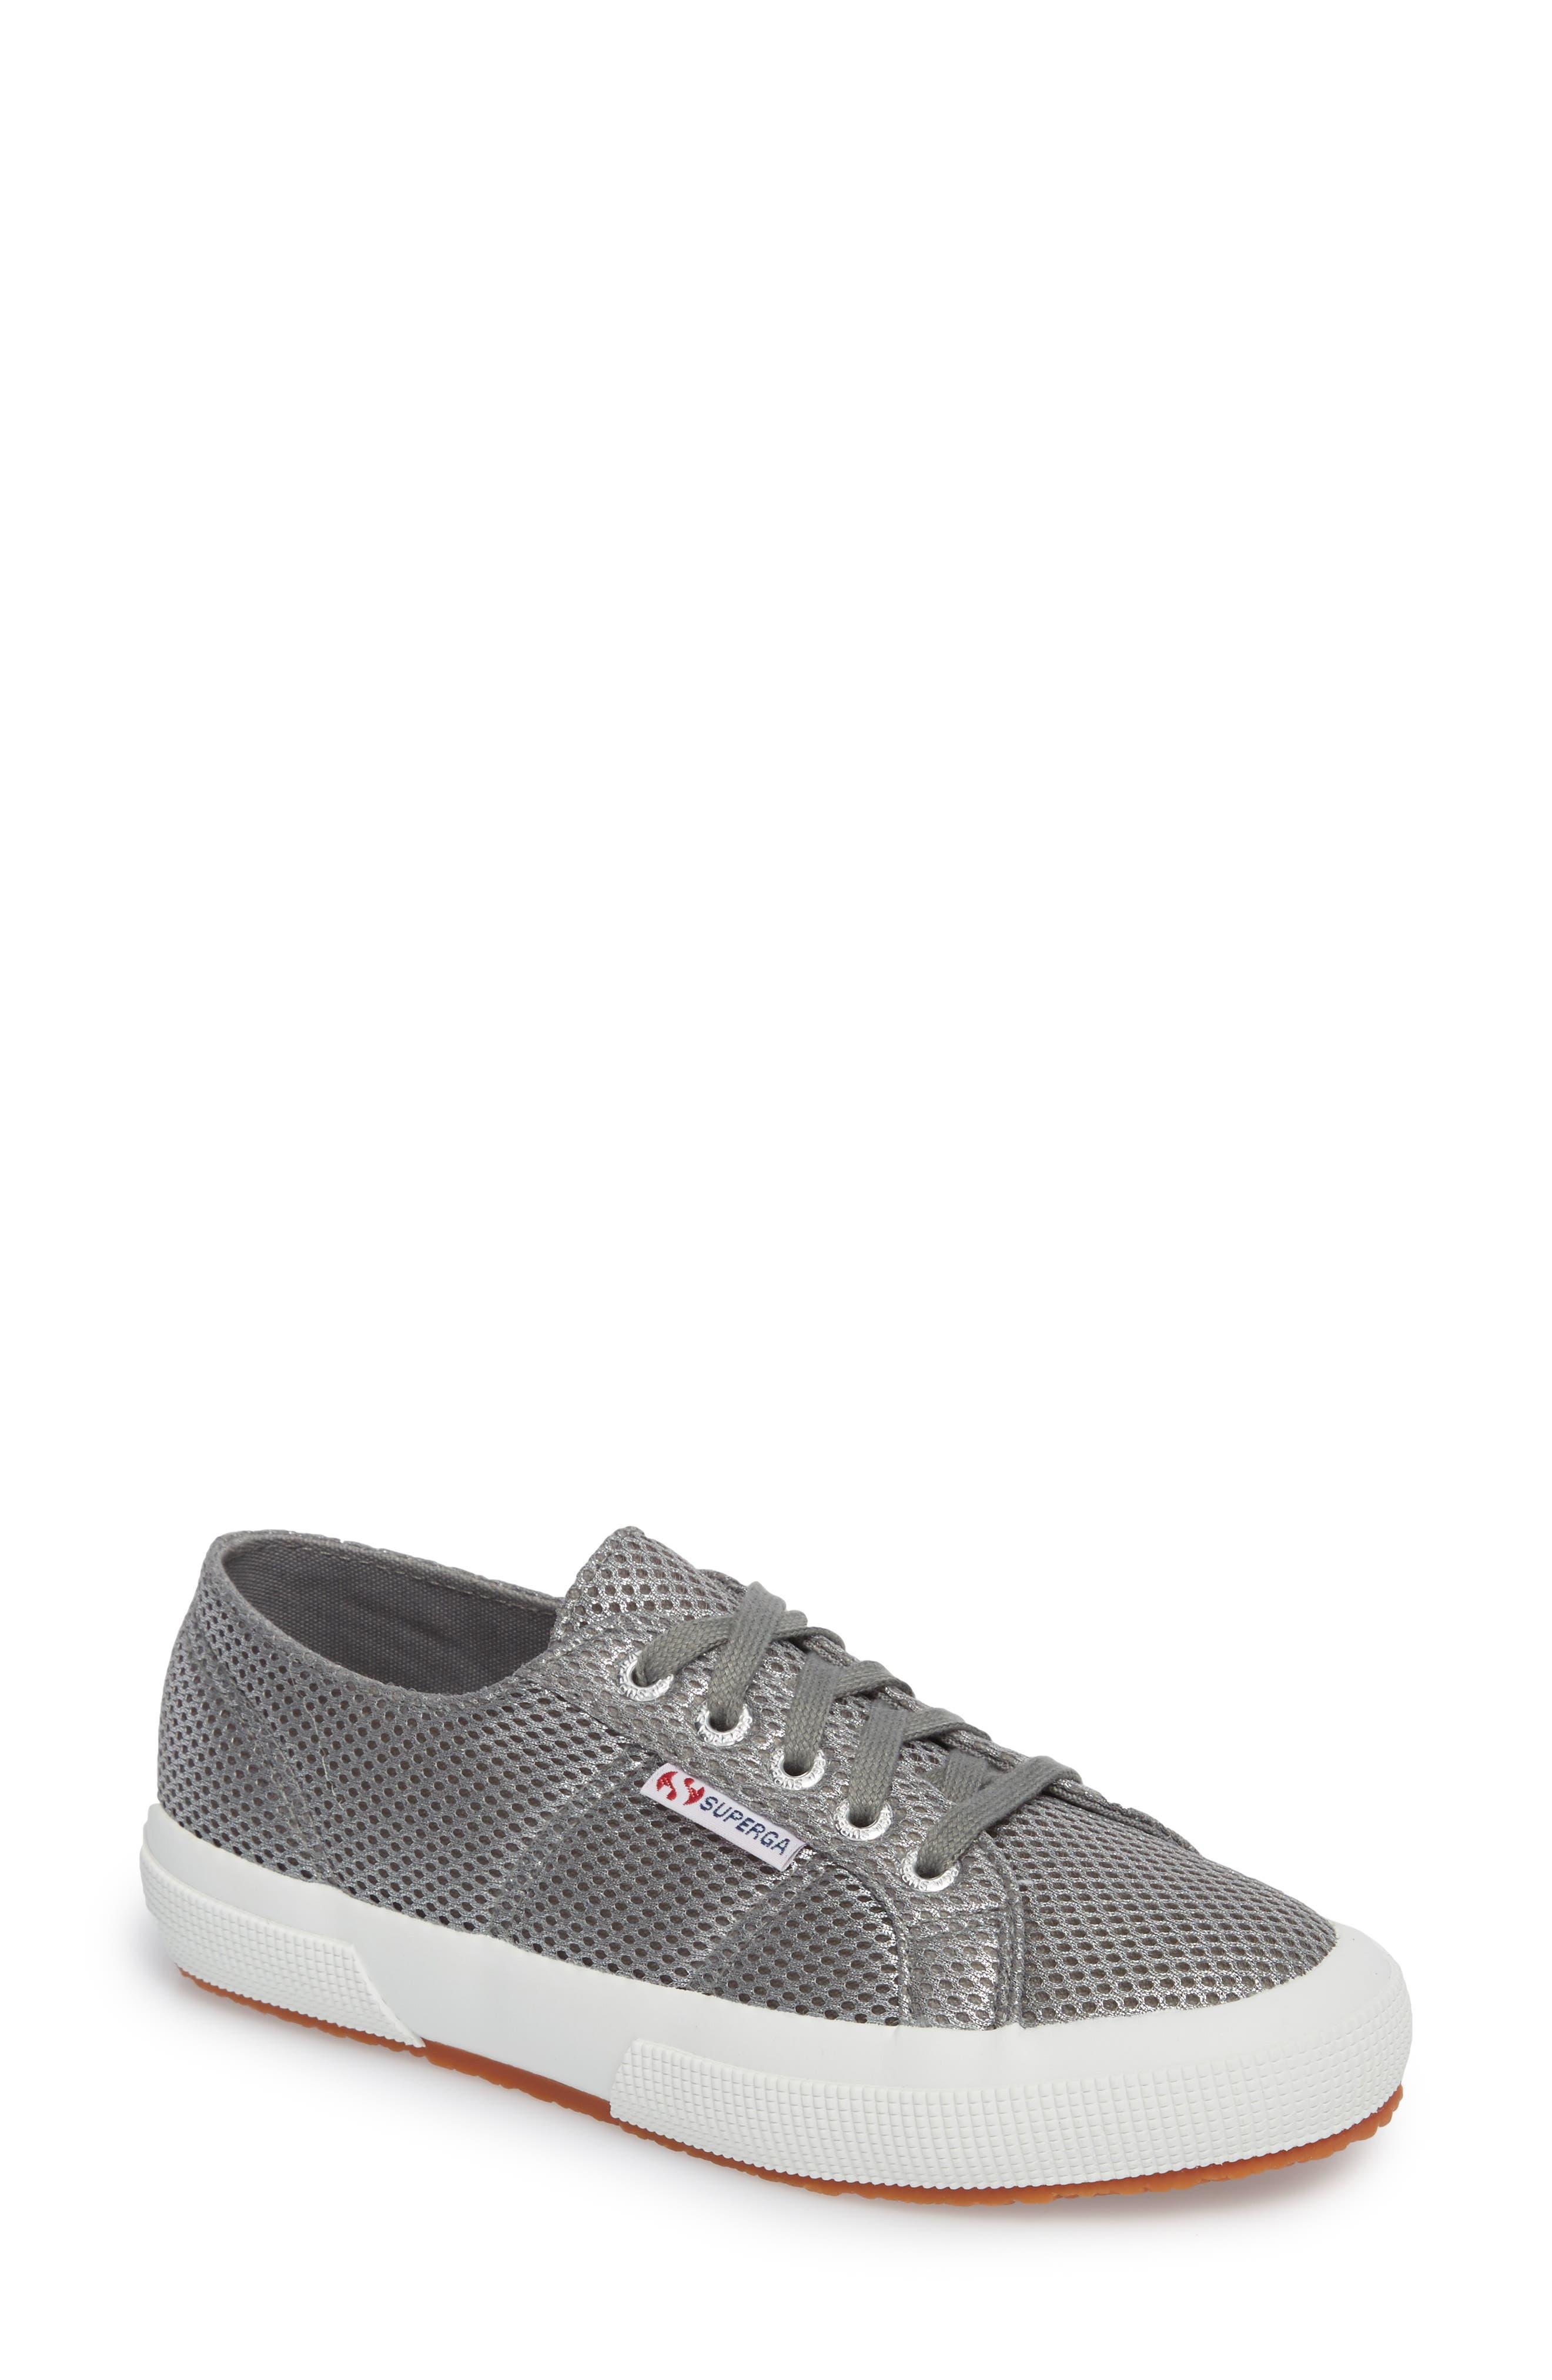 2750 Metallic Sneaker,                         Main,                         color, 044